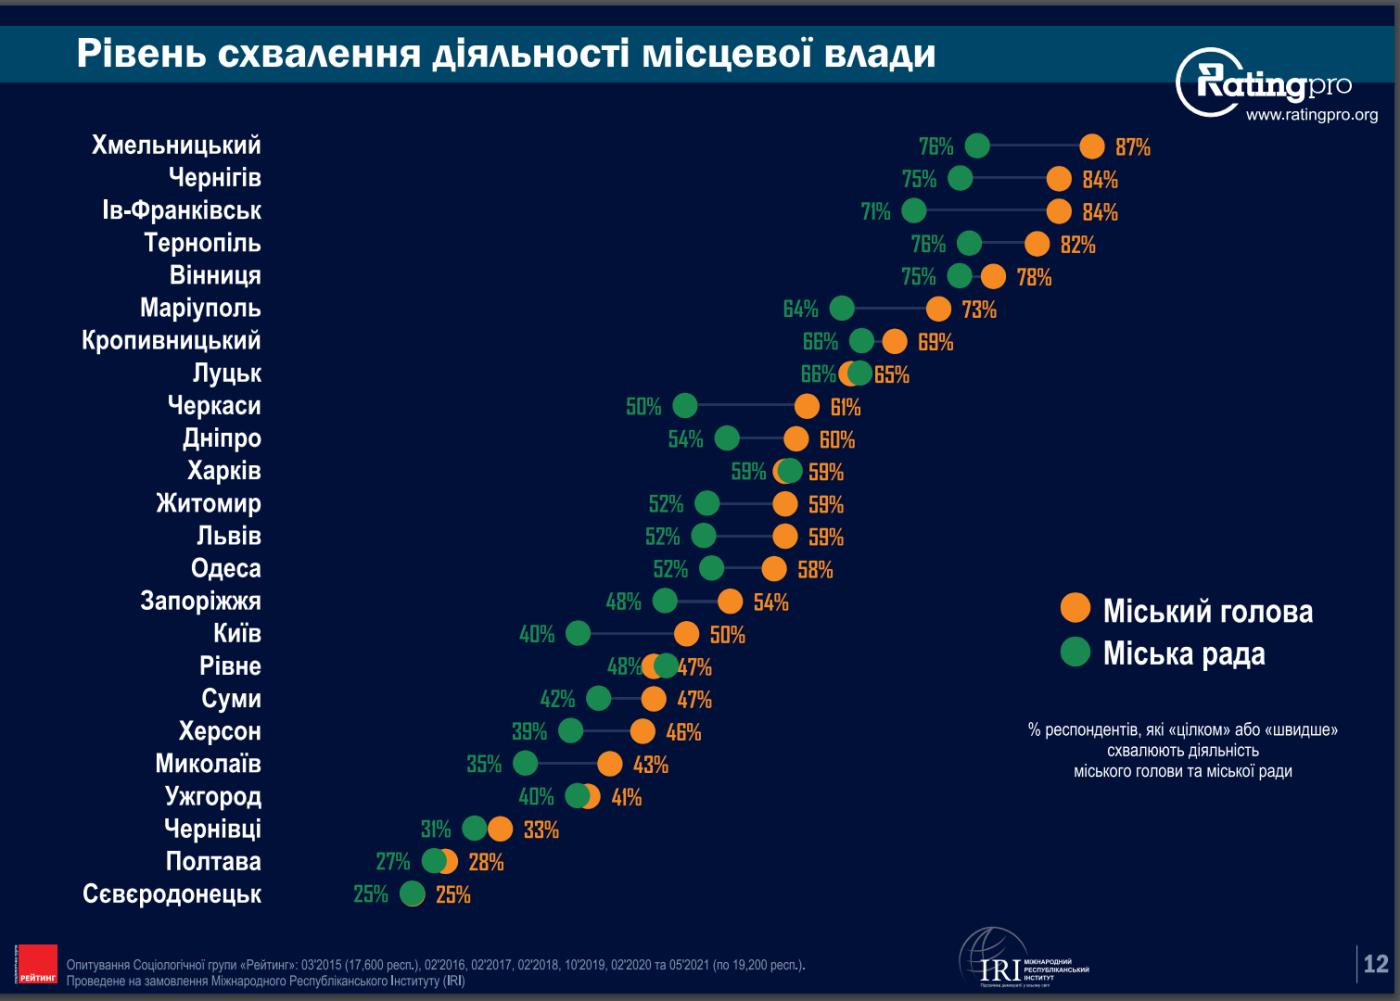 Шестой город в Украине по уровню коммунального комфорта. За что голосовали мариупольцы, - ИНФОГРАФИКА, фото-1